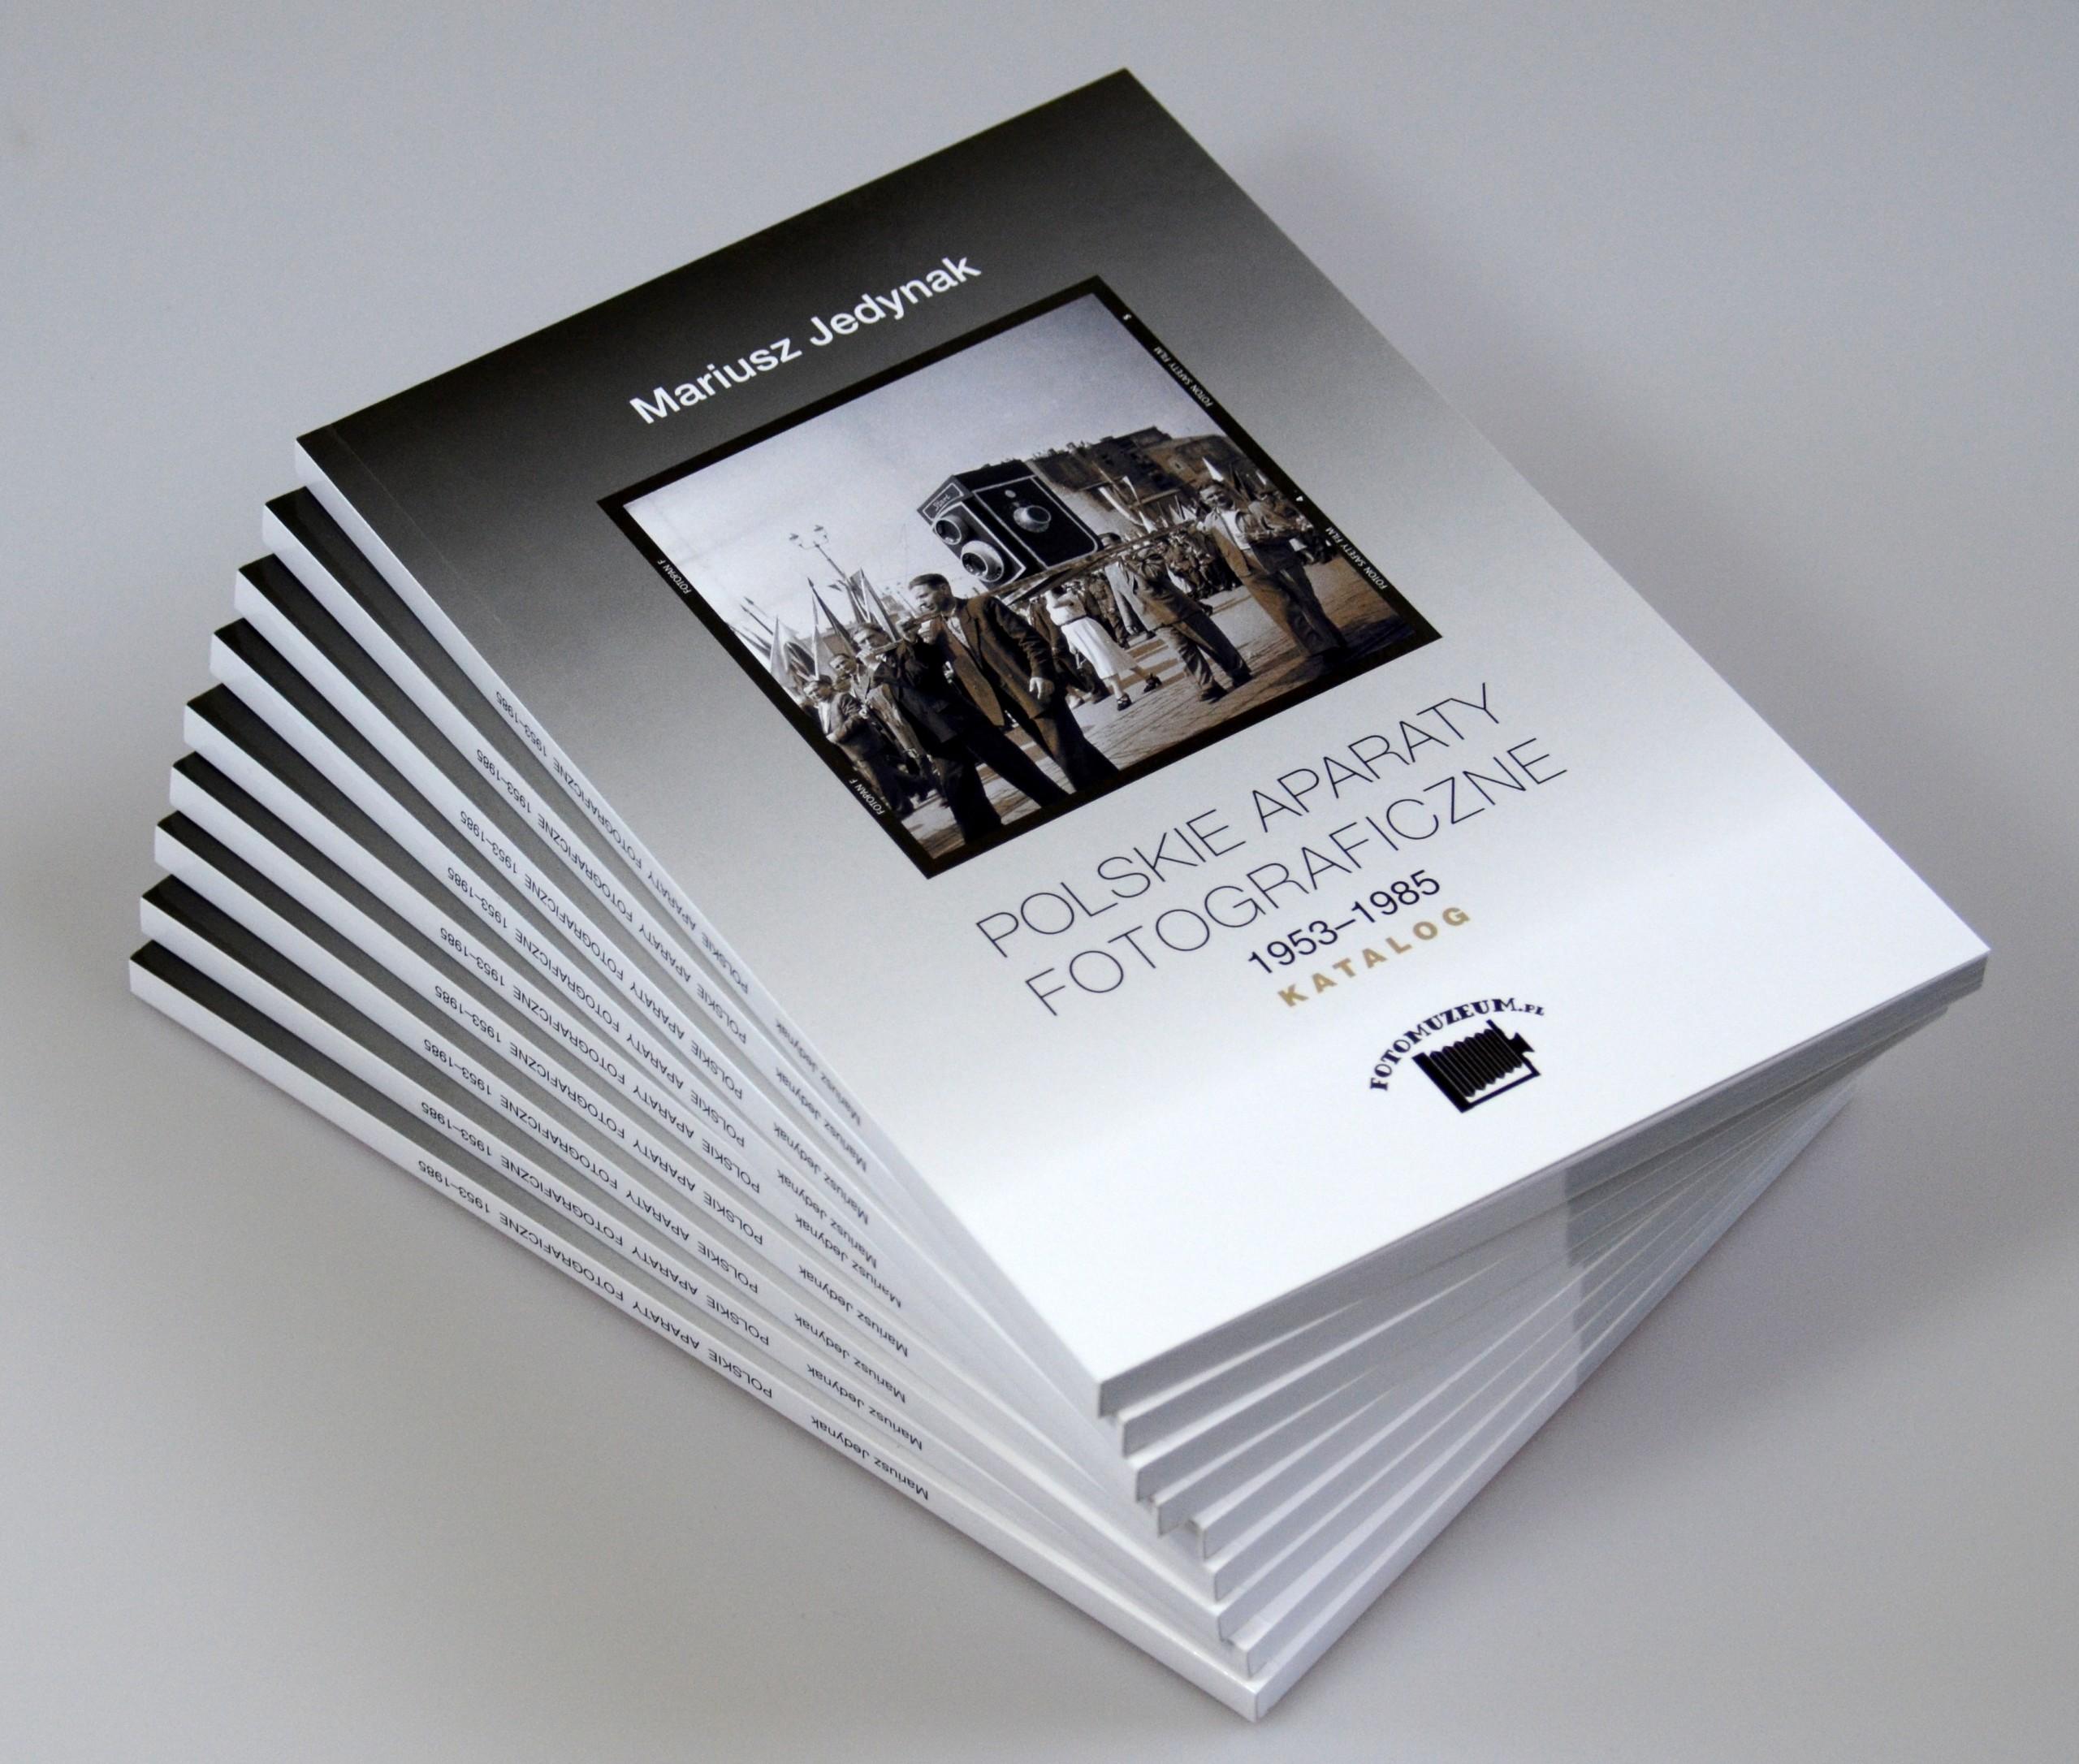 JEDYNAK Katalóg Cenník - Poľské kamery od autora